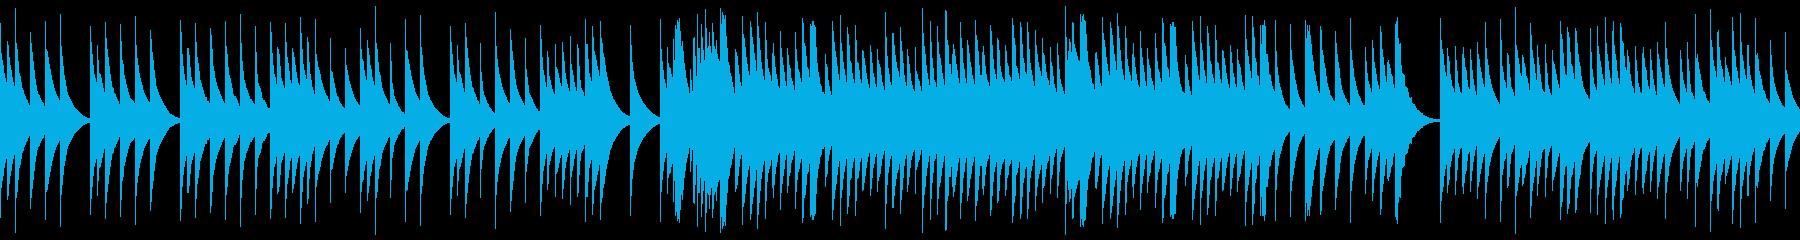 ジブリのようなオルゴール(チェレスタ)の再生済みの波形